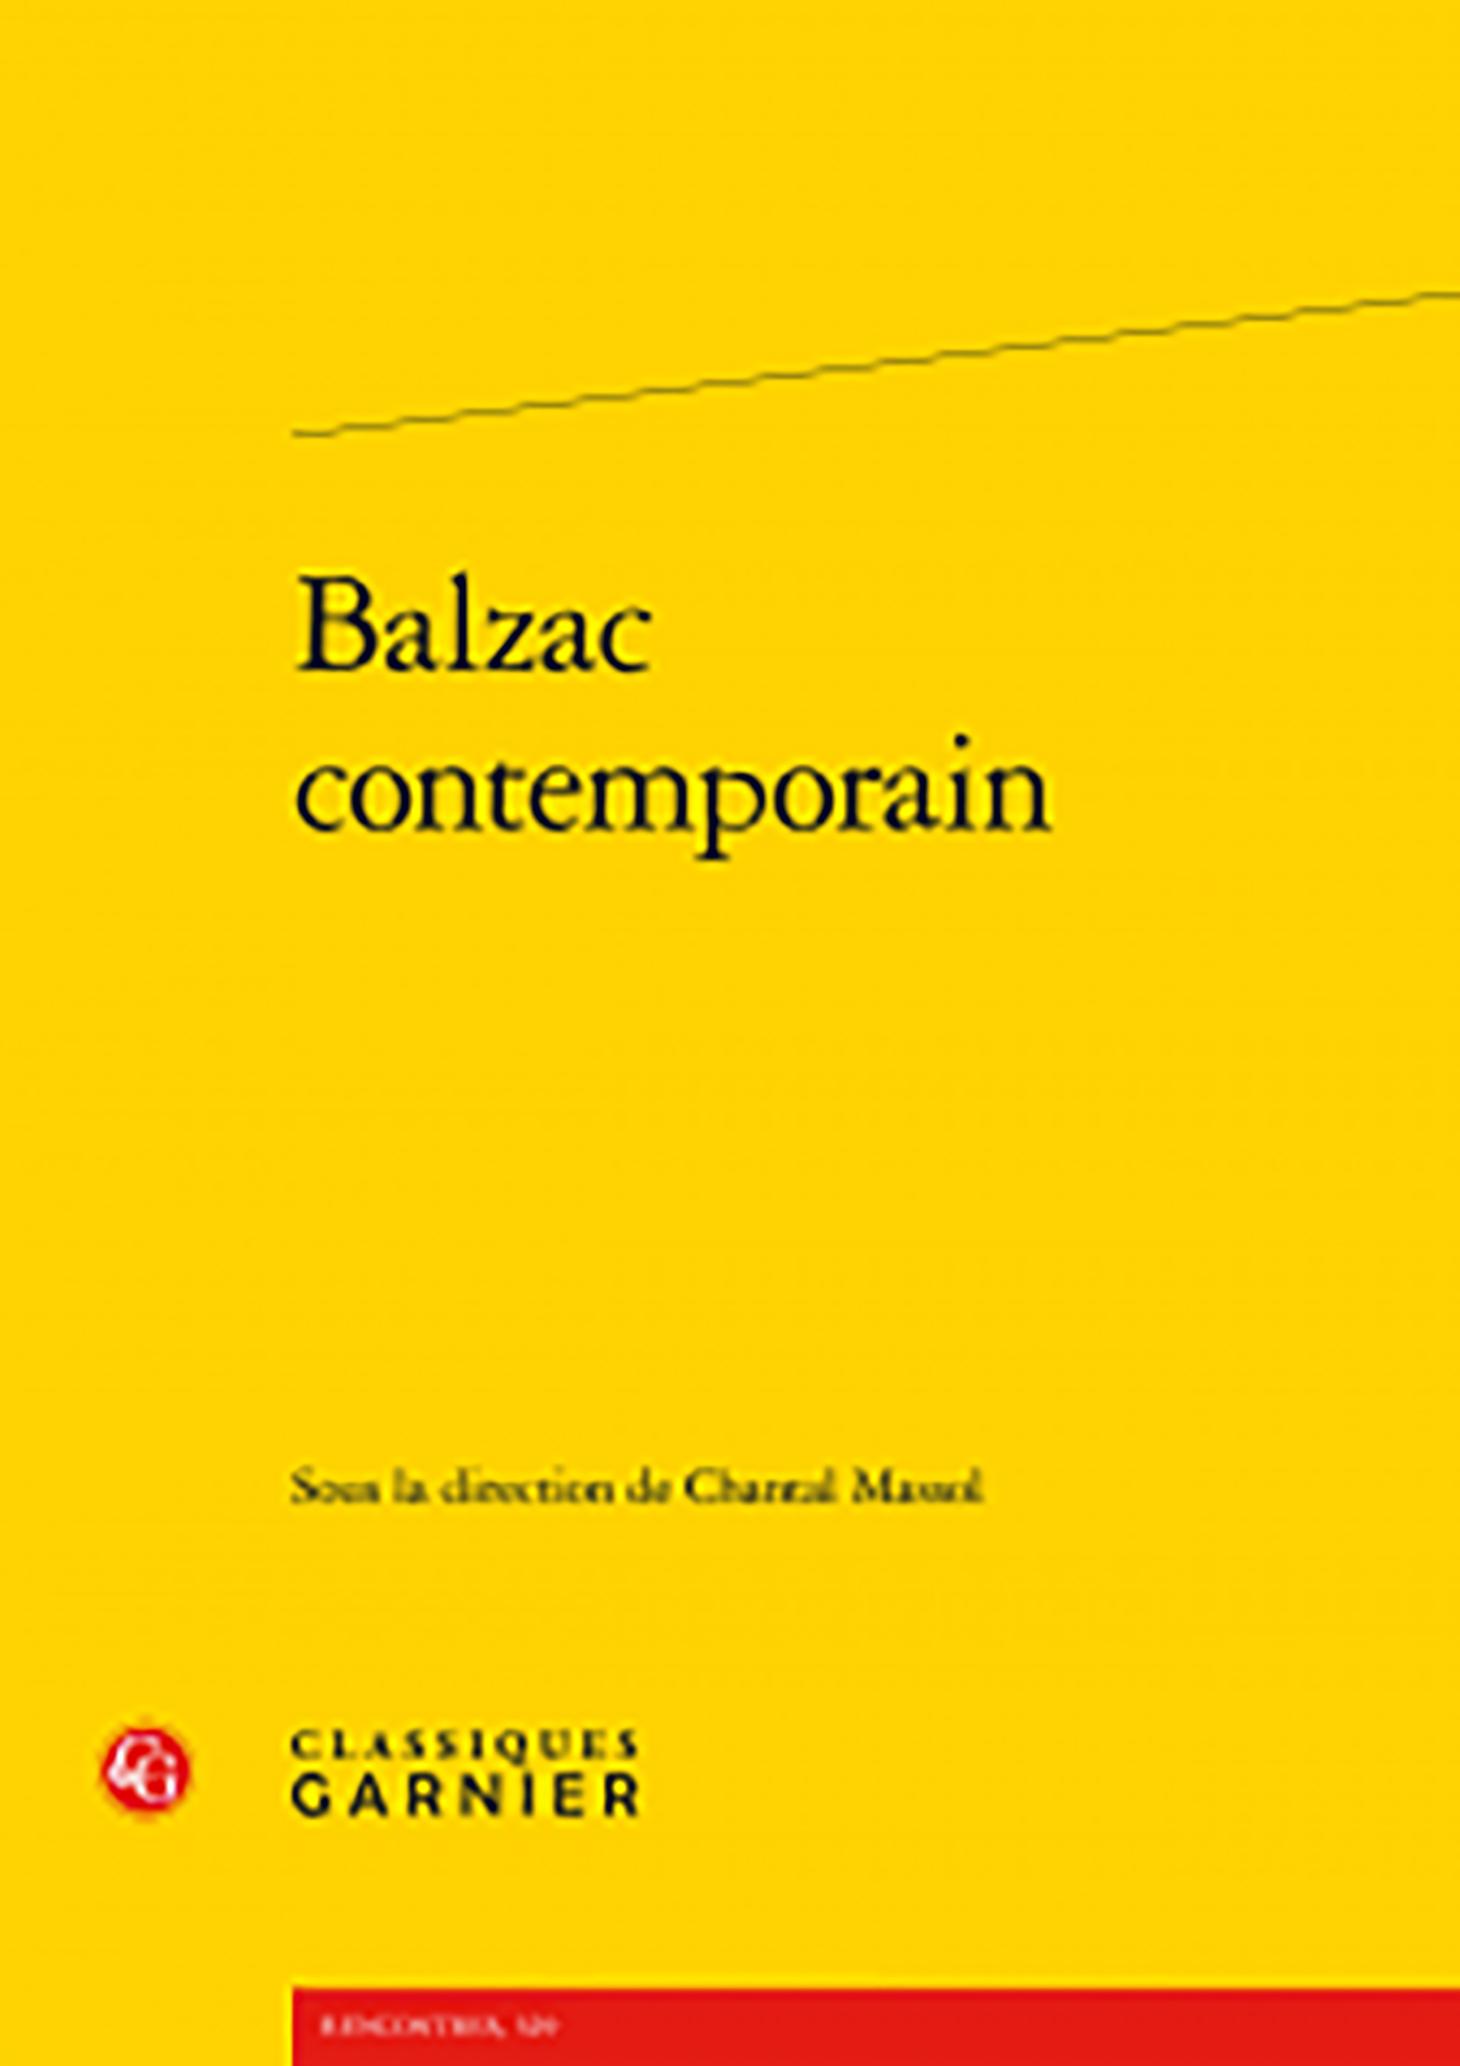 Balzac contemporain